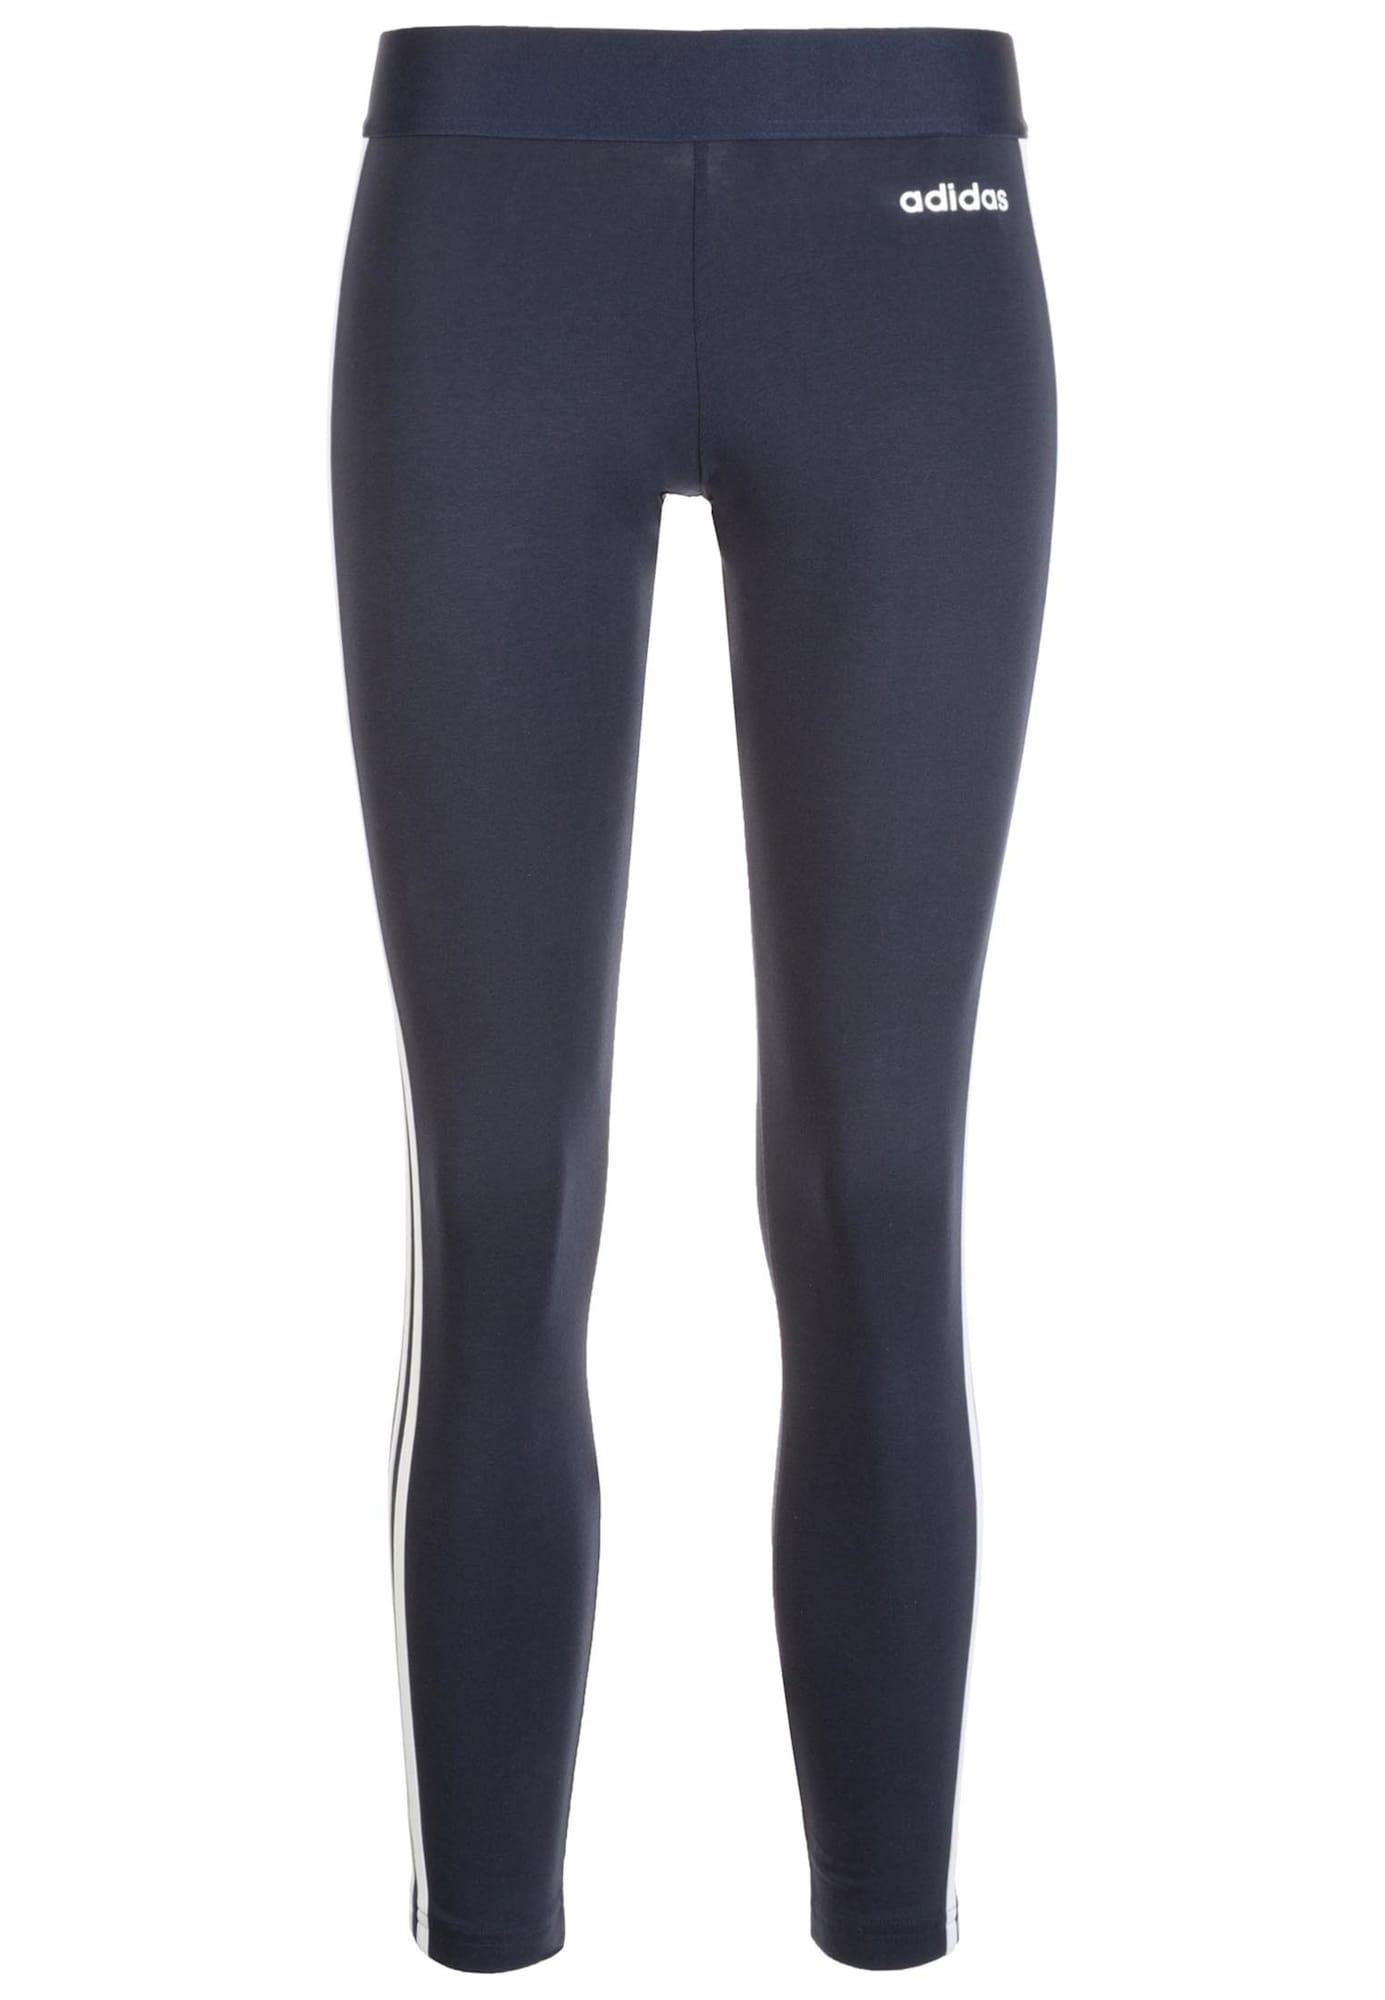 ADIDAS PERFORMANCE Sportinės kelnės tamsiai mėlyna / balta